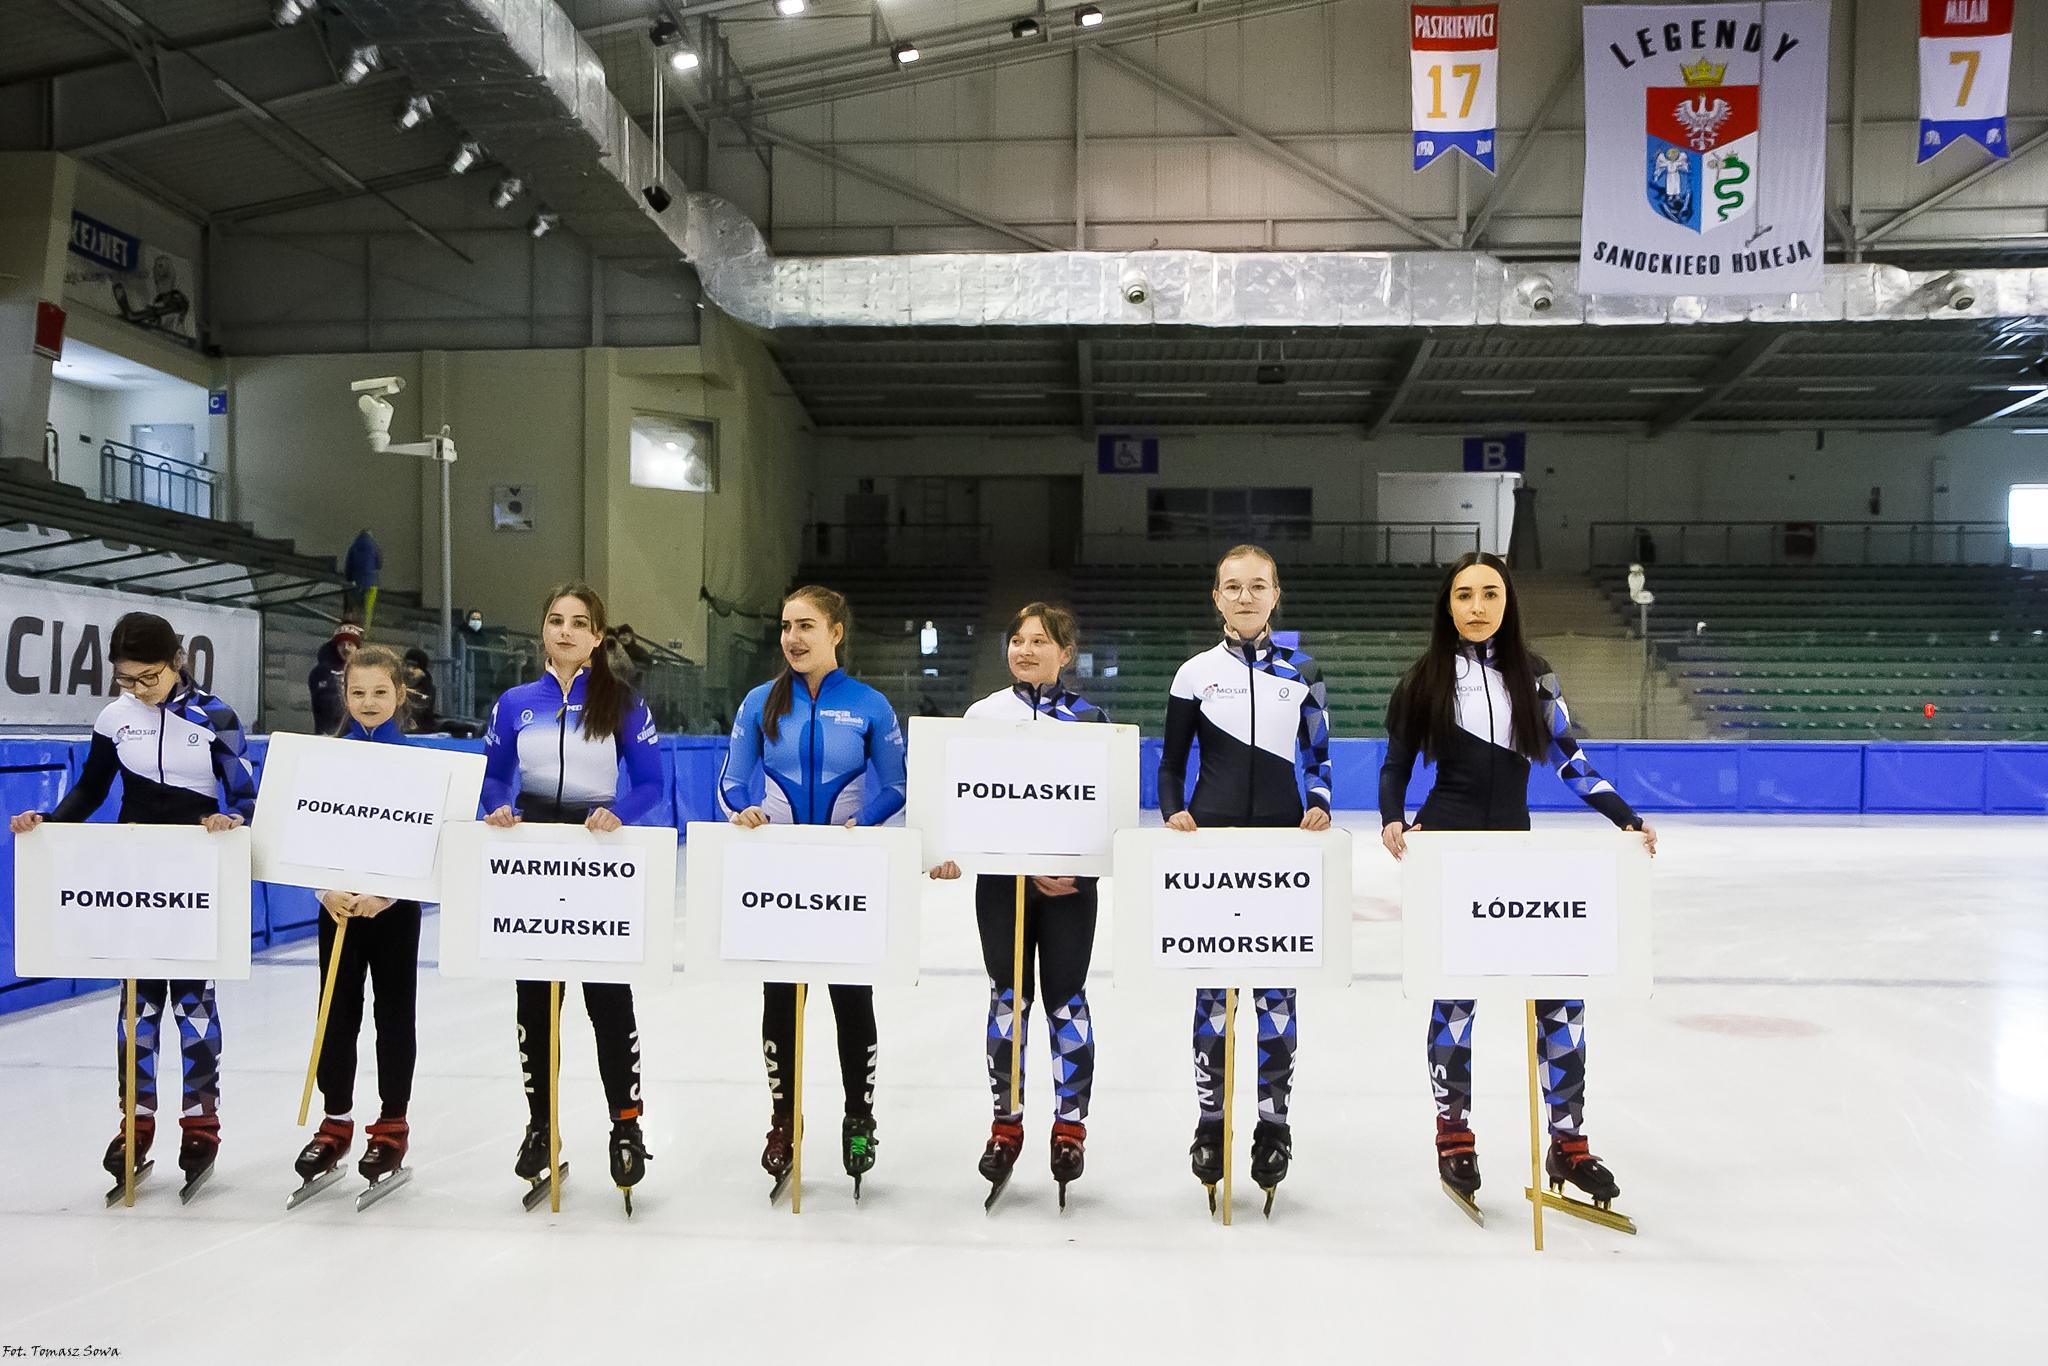 XXVII Ogólnopolska Olimpiada Młodzieży [FOTORELACJA] - Zdjęcie główne